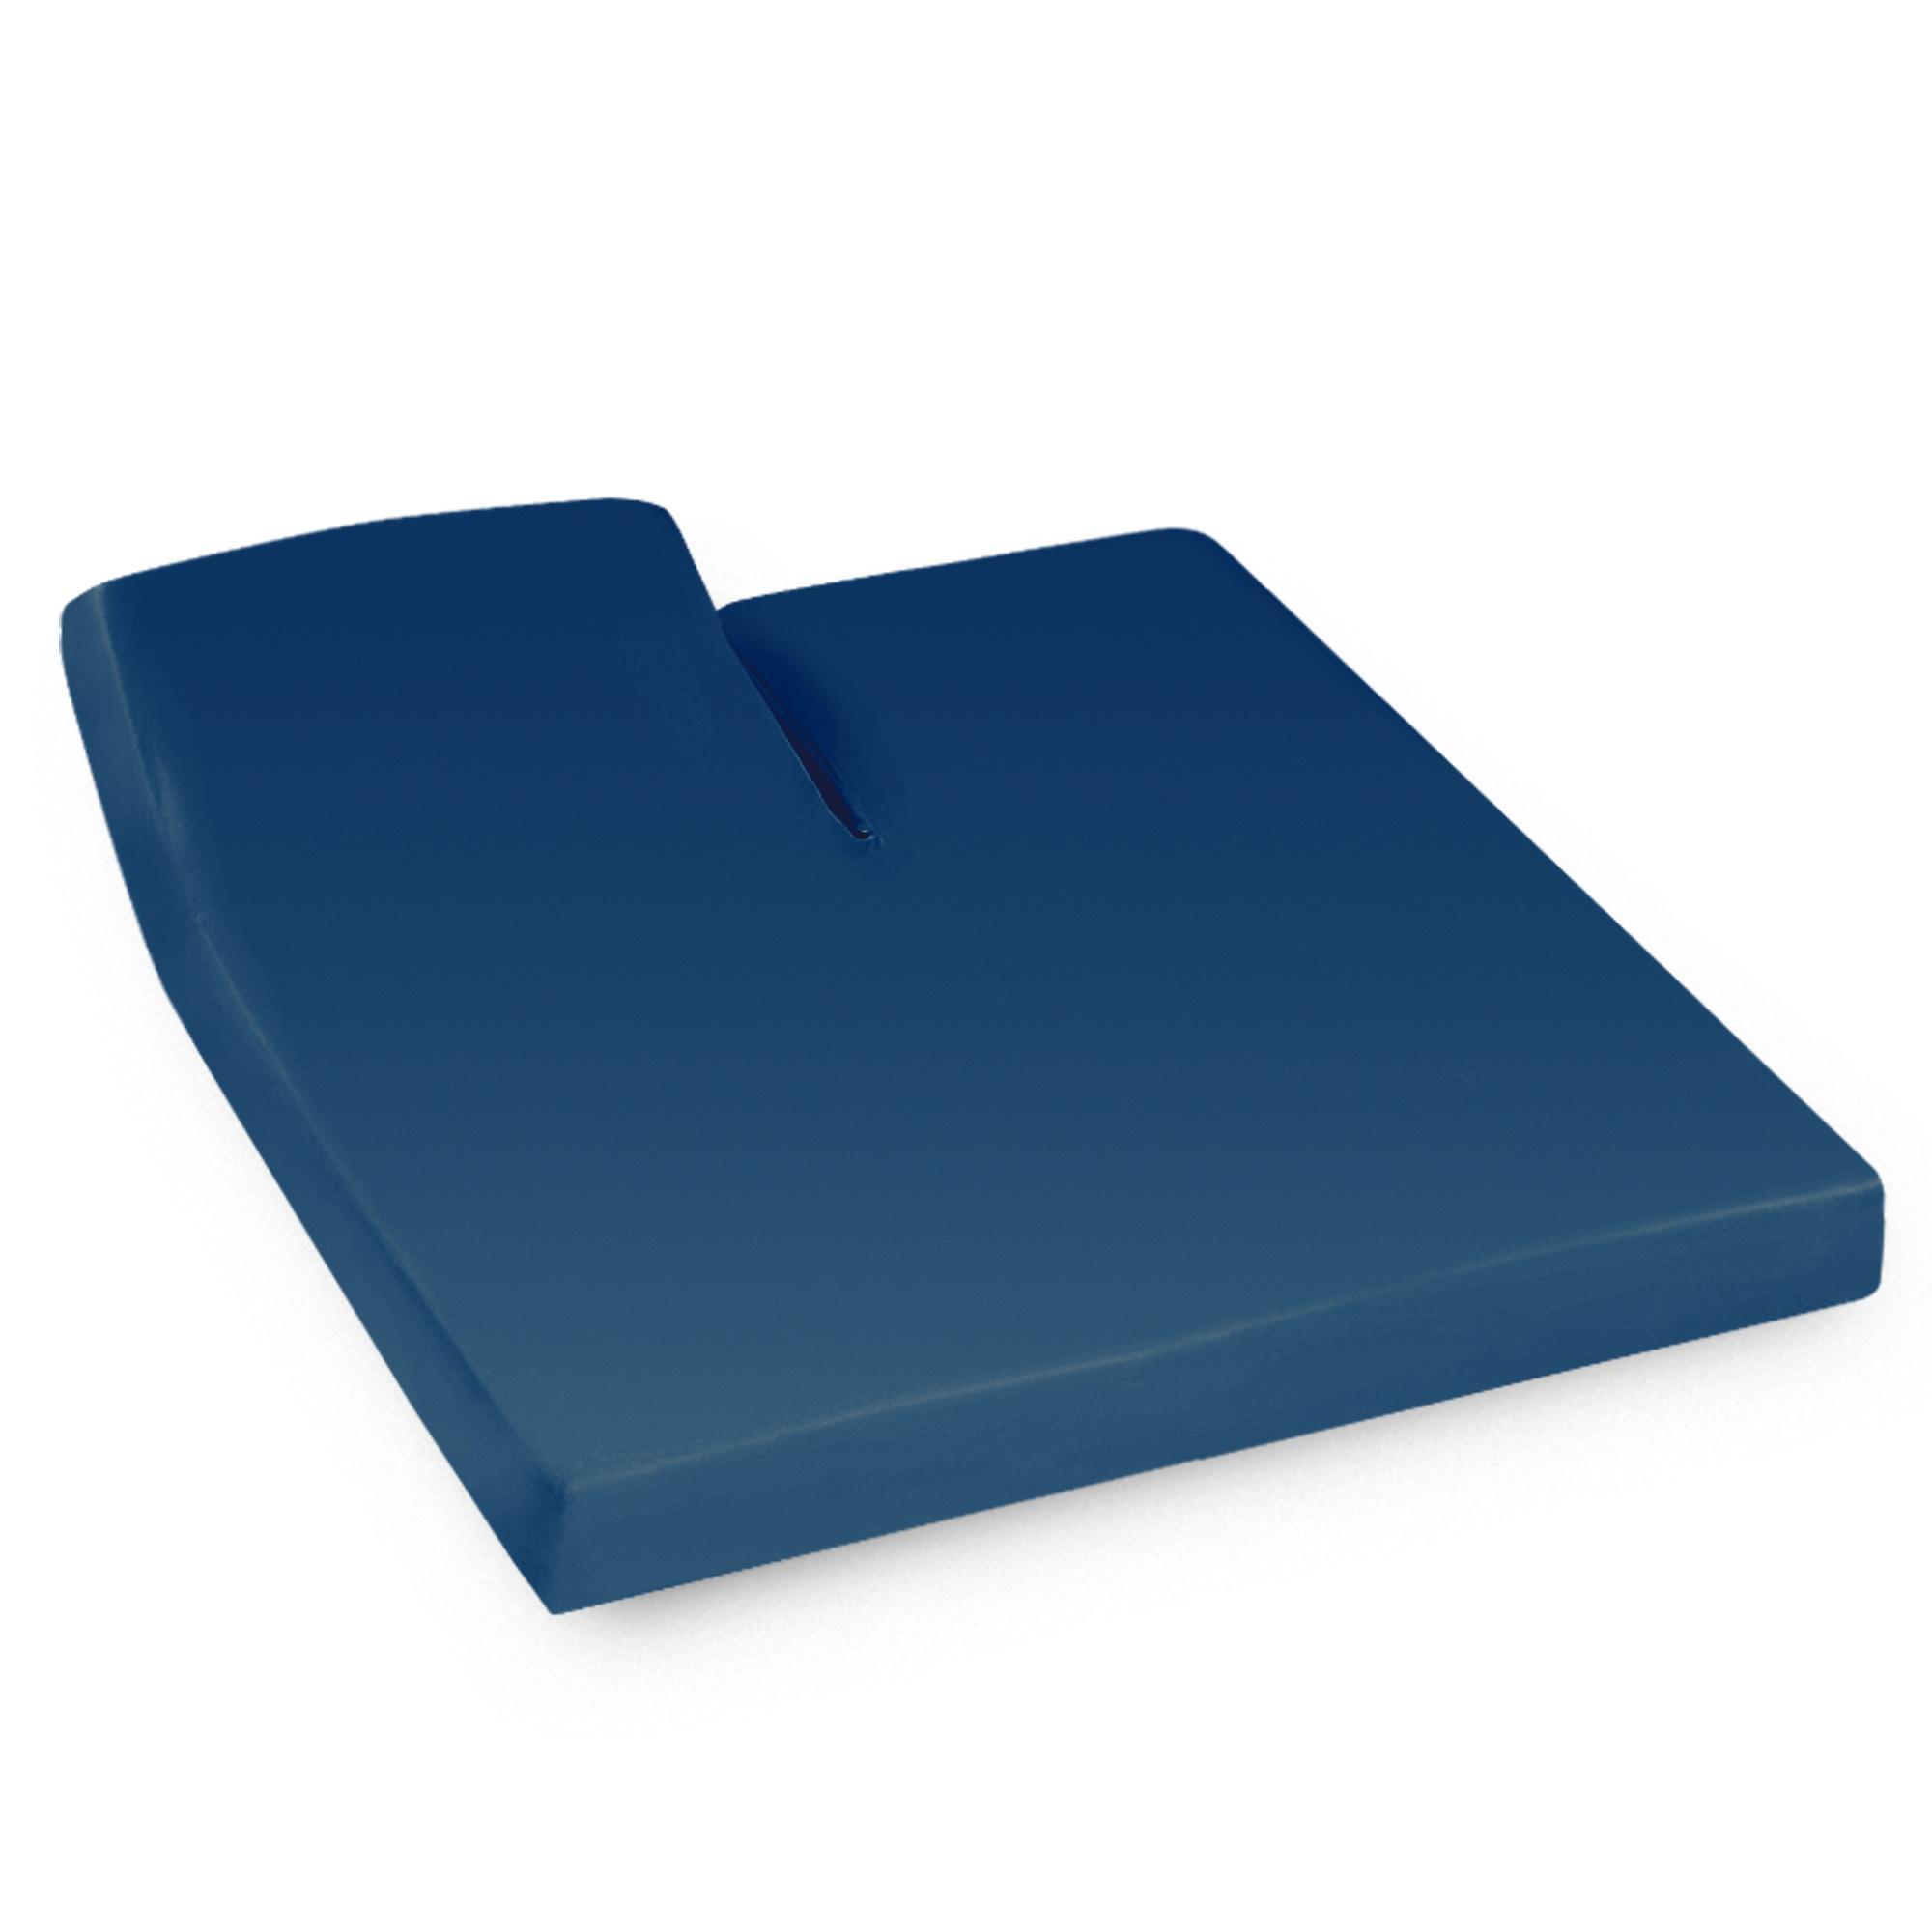 drap housse relaxation 2x80x190cm uni pur coton alto bleu nautic tr t te relevable uniquement. Black Bedroom Furniture Sets. Home Design Ideas